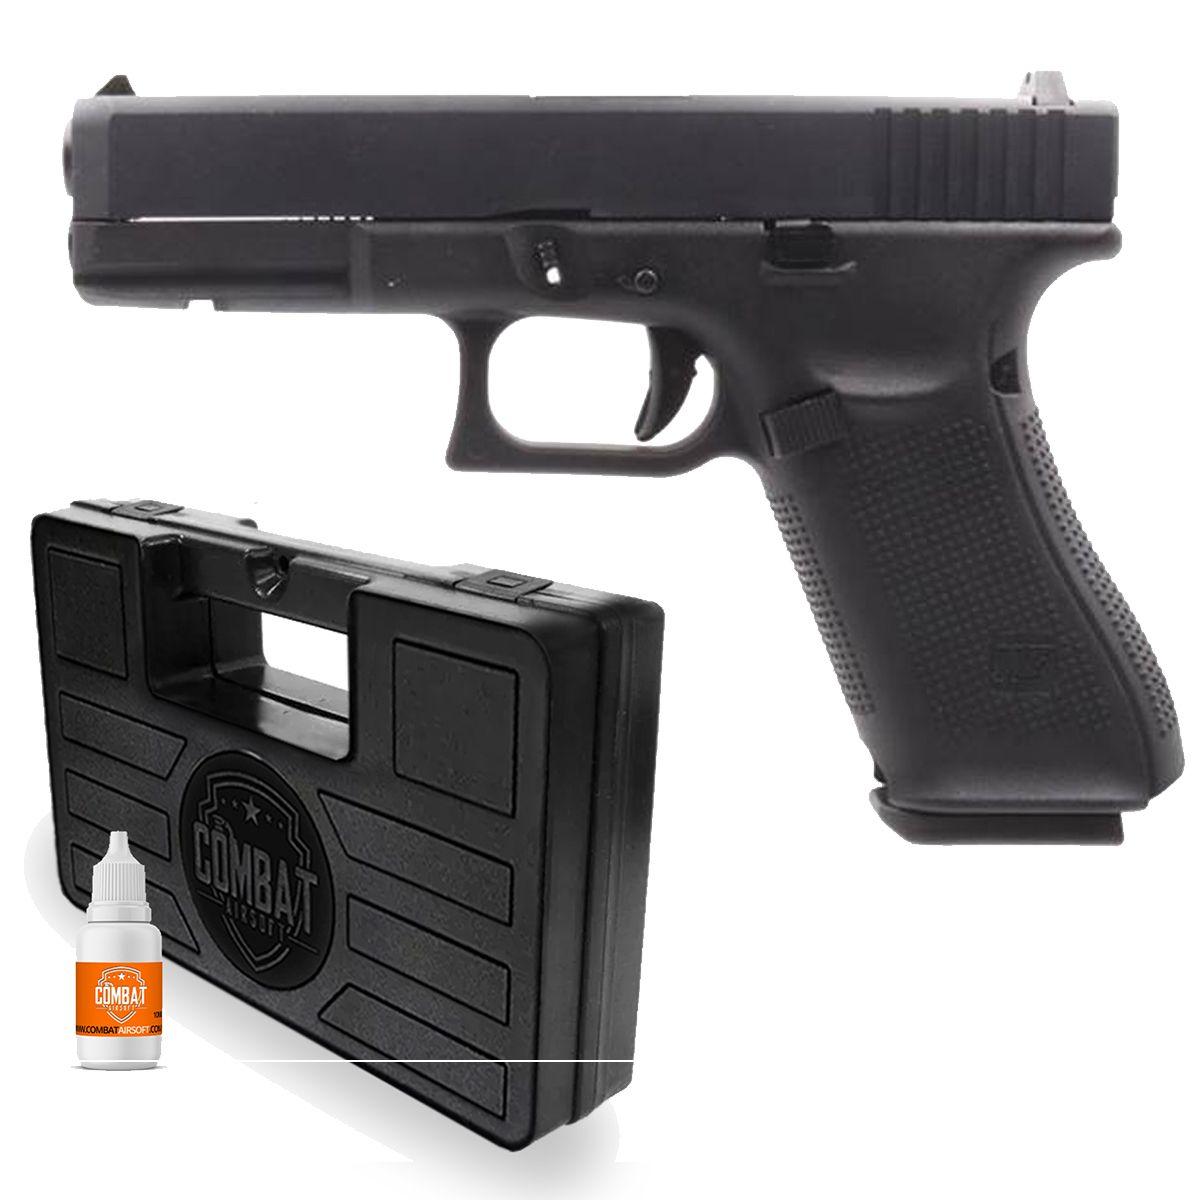 Pistola Airsoft We Gbb G17 Gen5 Mostruário + Maleta + Óleo